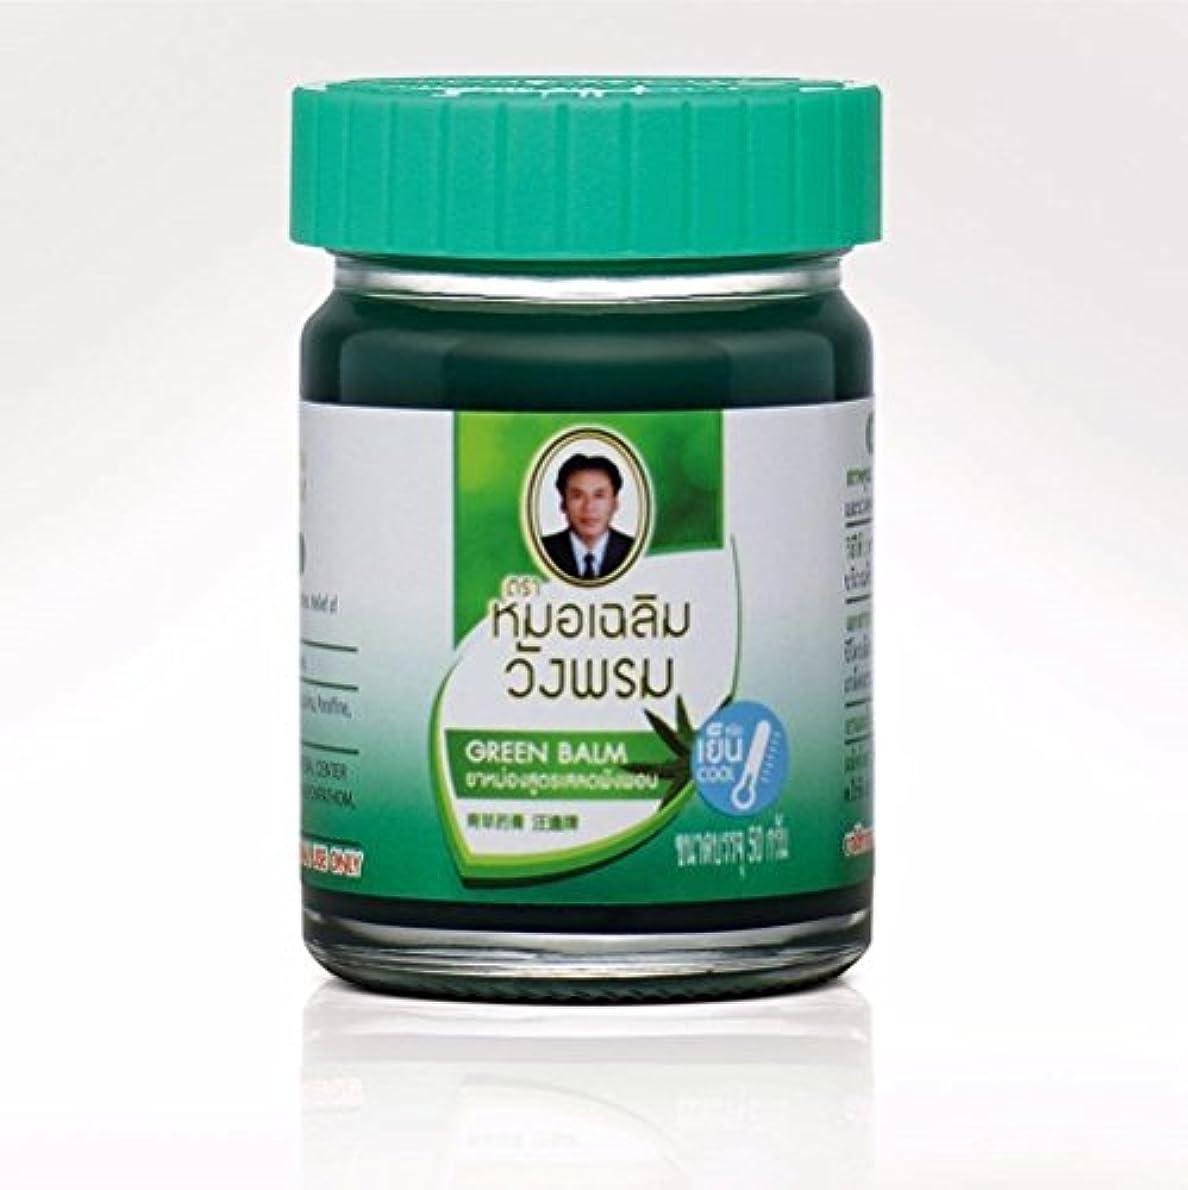 隠す素人圧縮された50G.Wangphrom Thai Herbal Balm Massage Body Relief Muscle Pain,Thai Herb Green Balm (COOL) size 50 gram..(2 pc.)